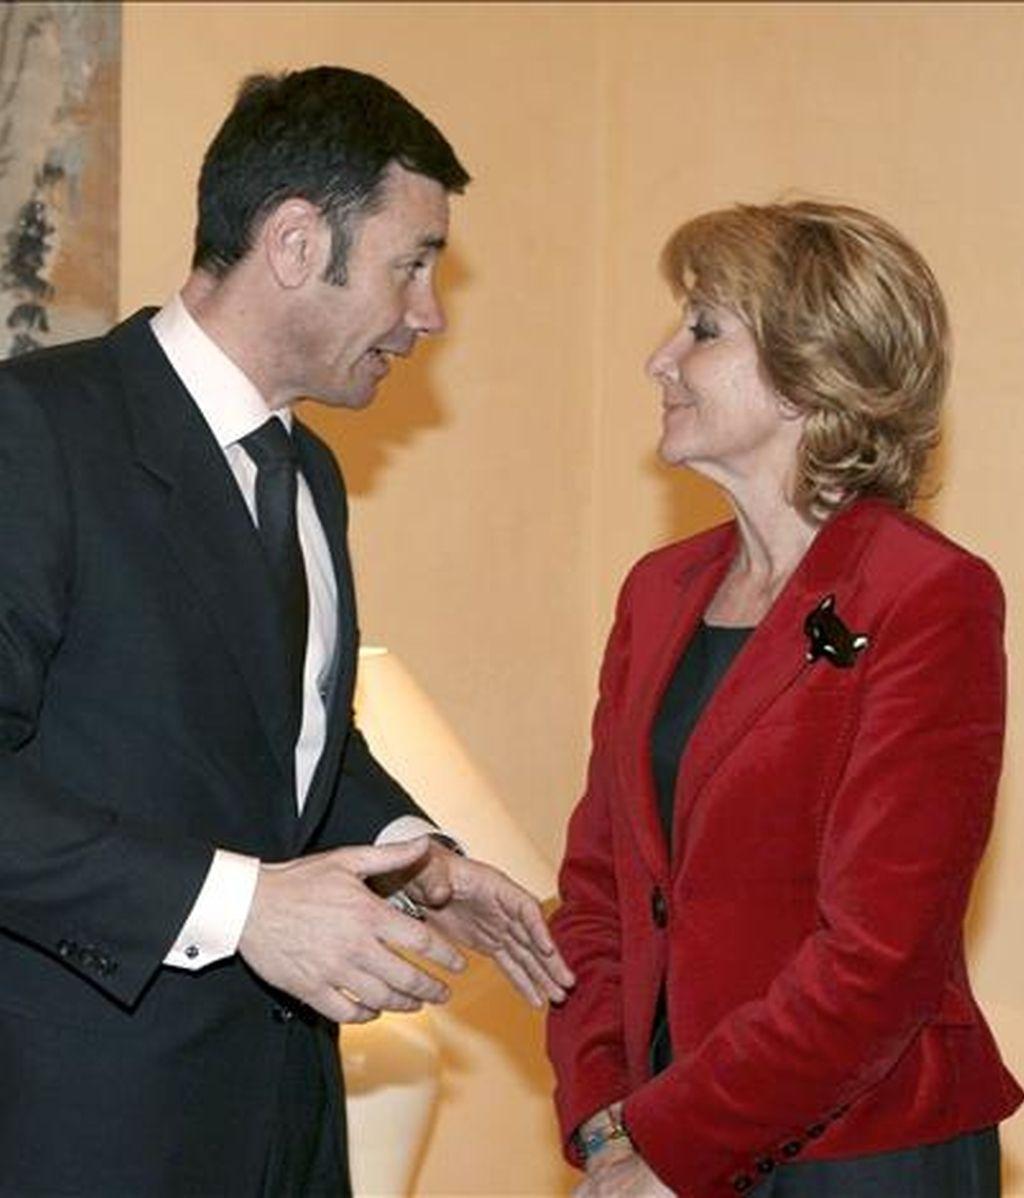 La presidenta de la Comunidad de Madrid, Esperanza Aguirre (d), junto al secretario general de los socialistas madrileños, Tomás Gómez, durante una reunión. EFE/Archivo